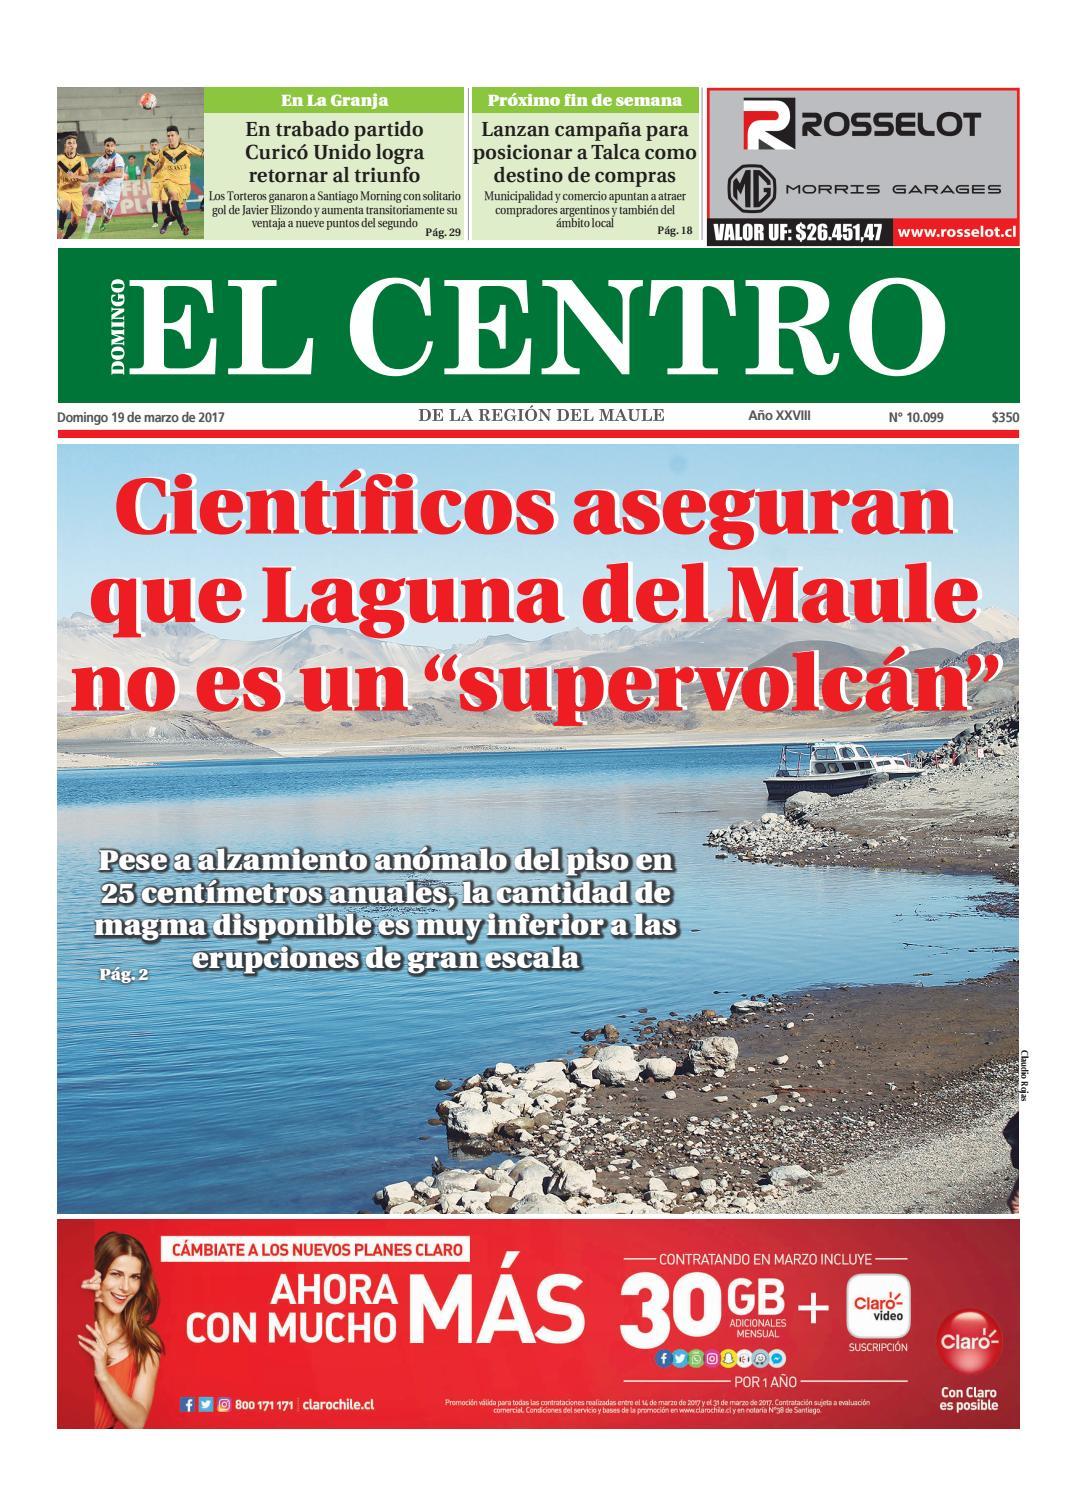 Diario 19-03-2017 by Diario El Centro S.A - issuu